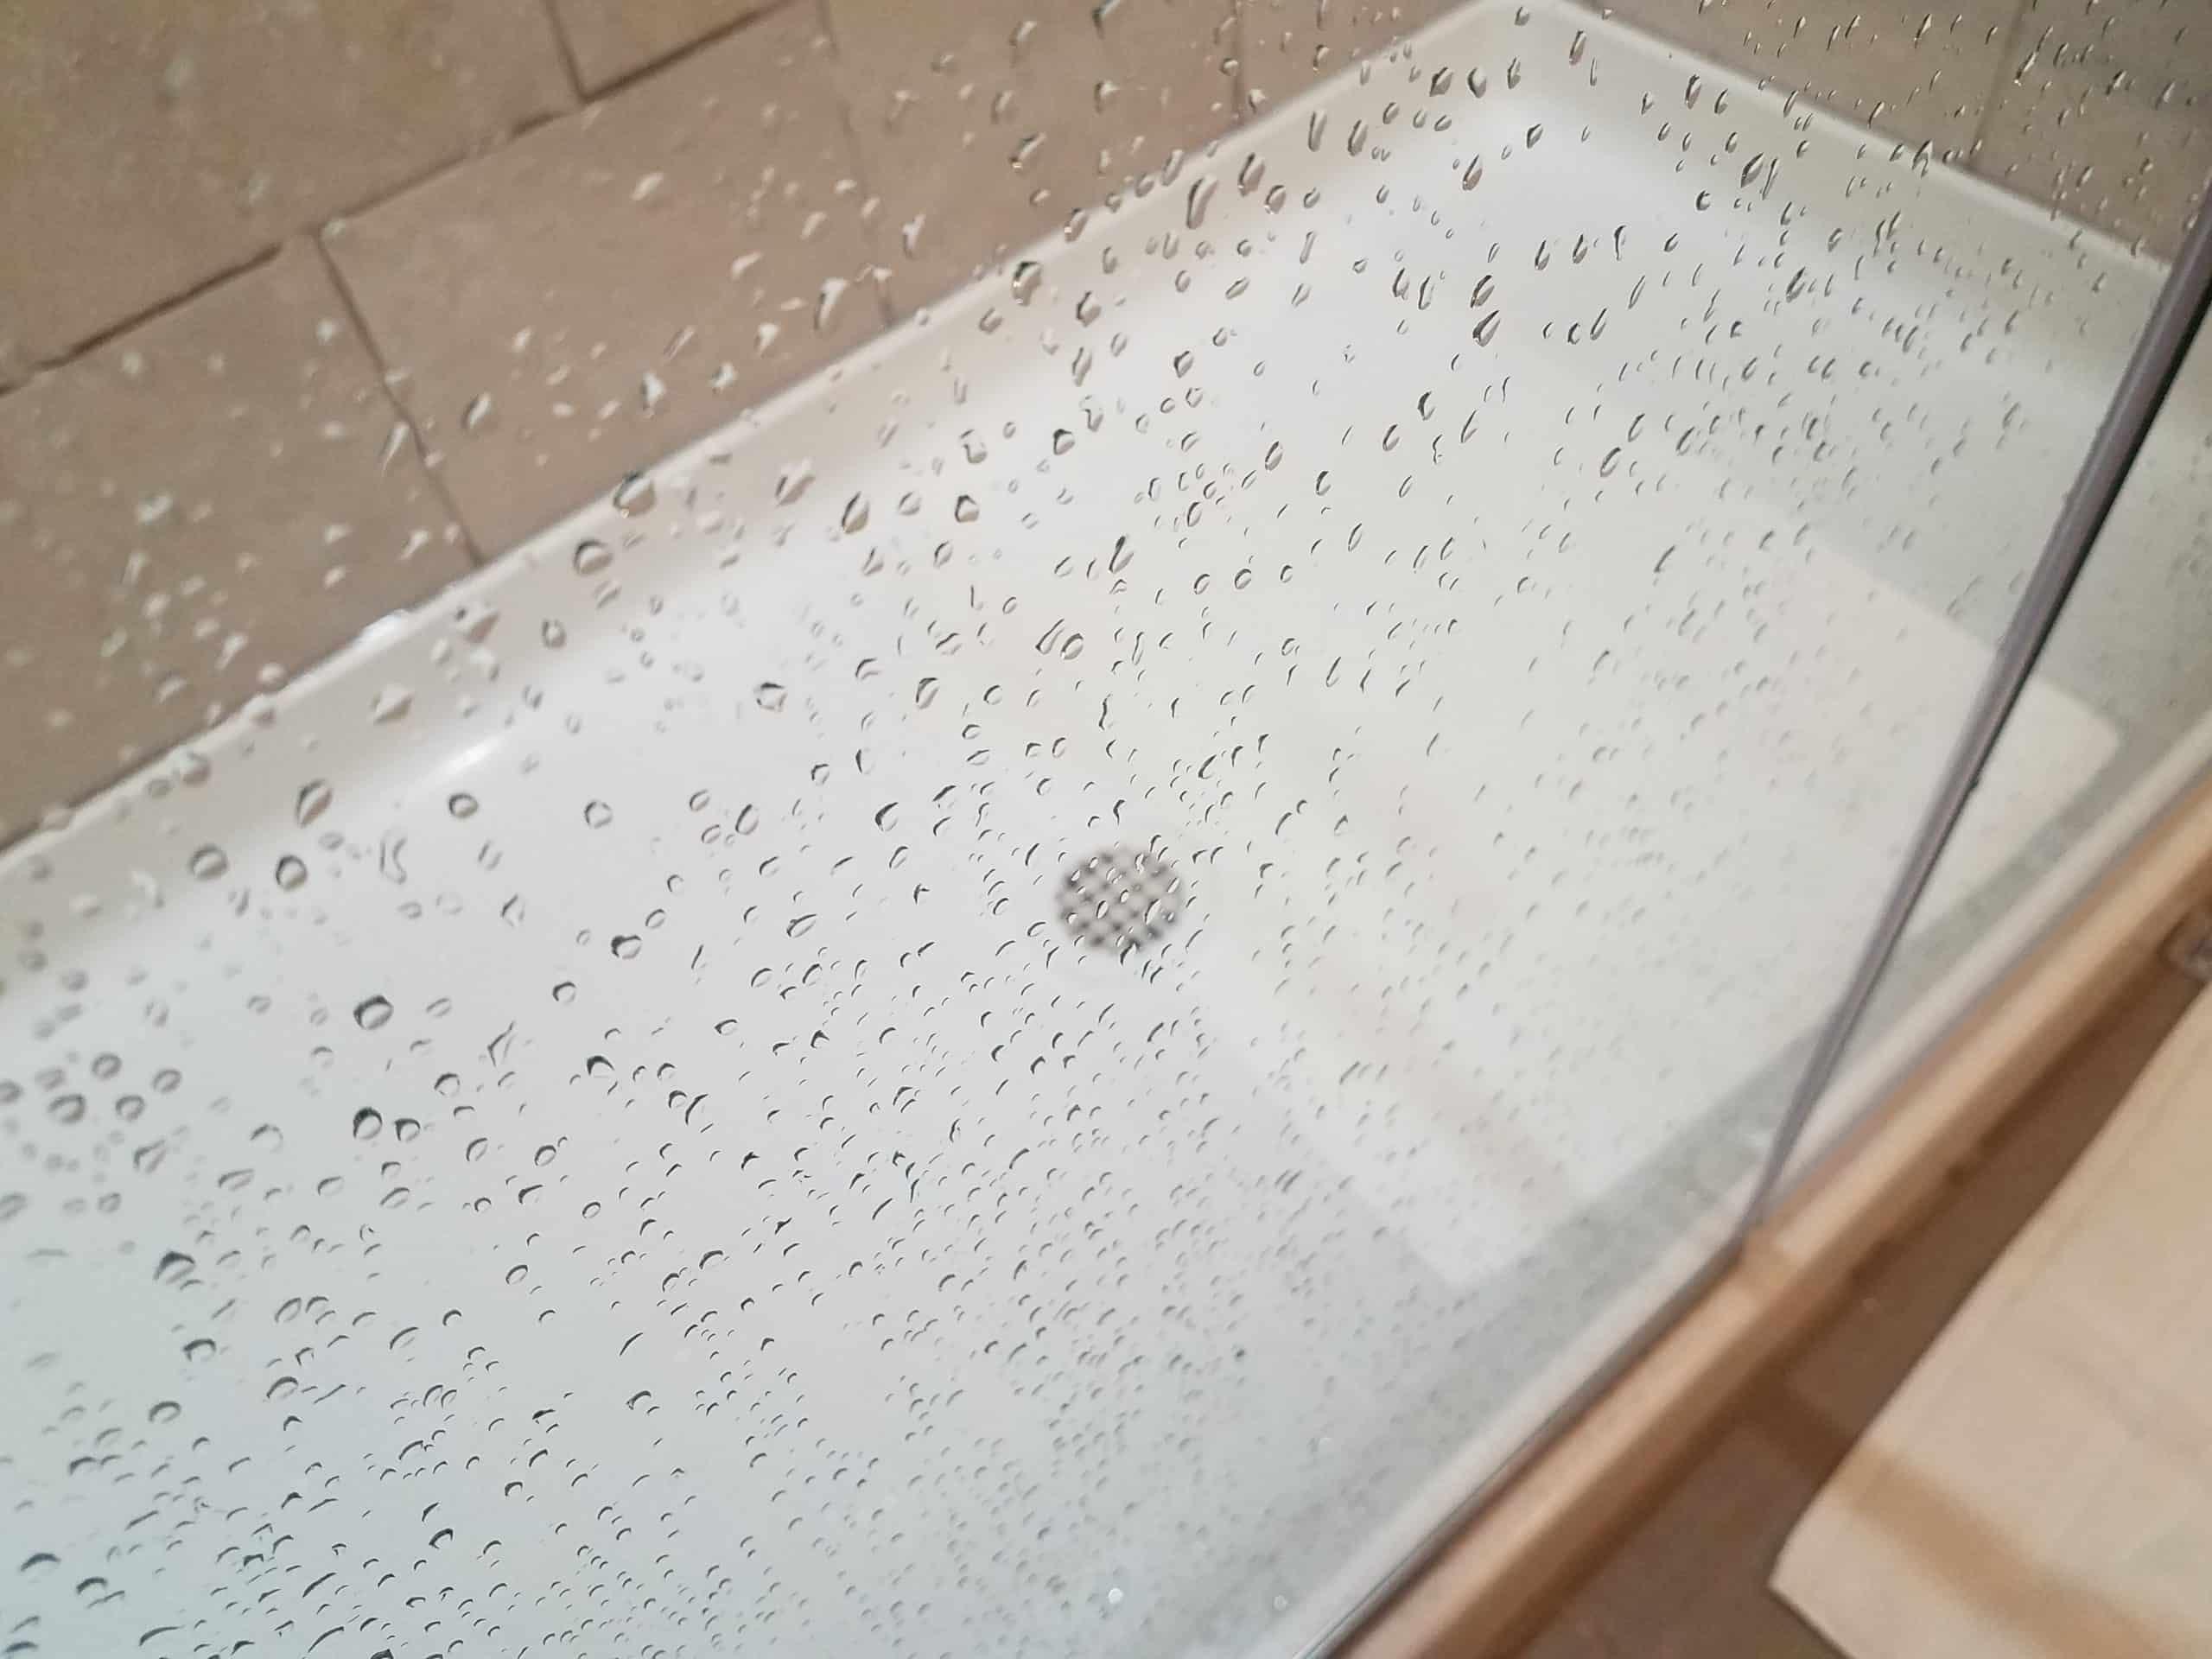 How to get water spots off glass shower doors